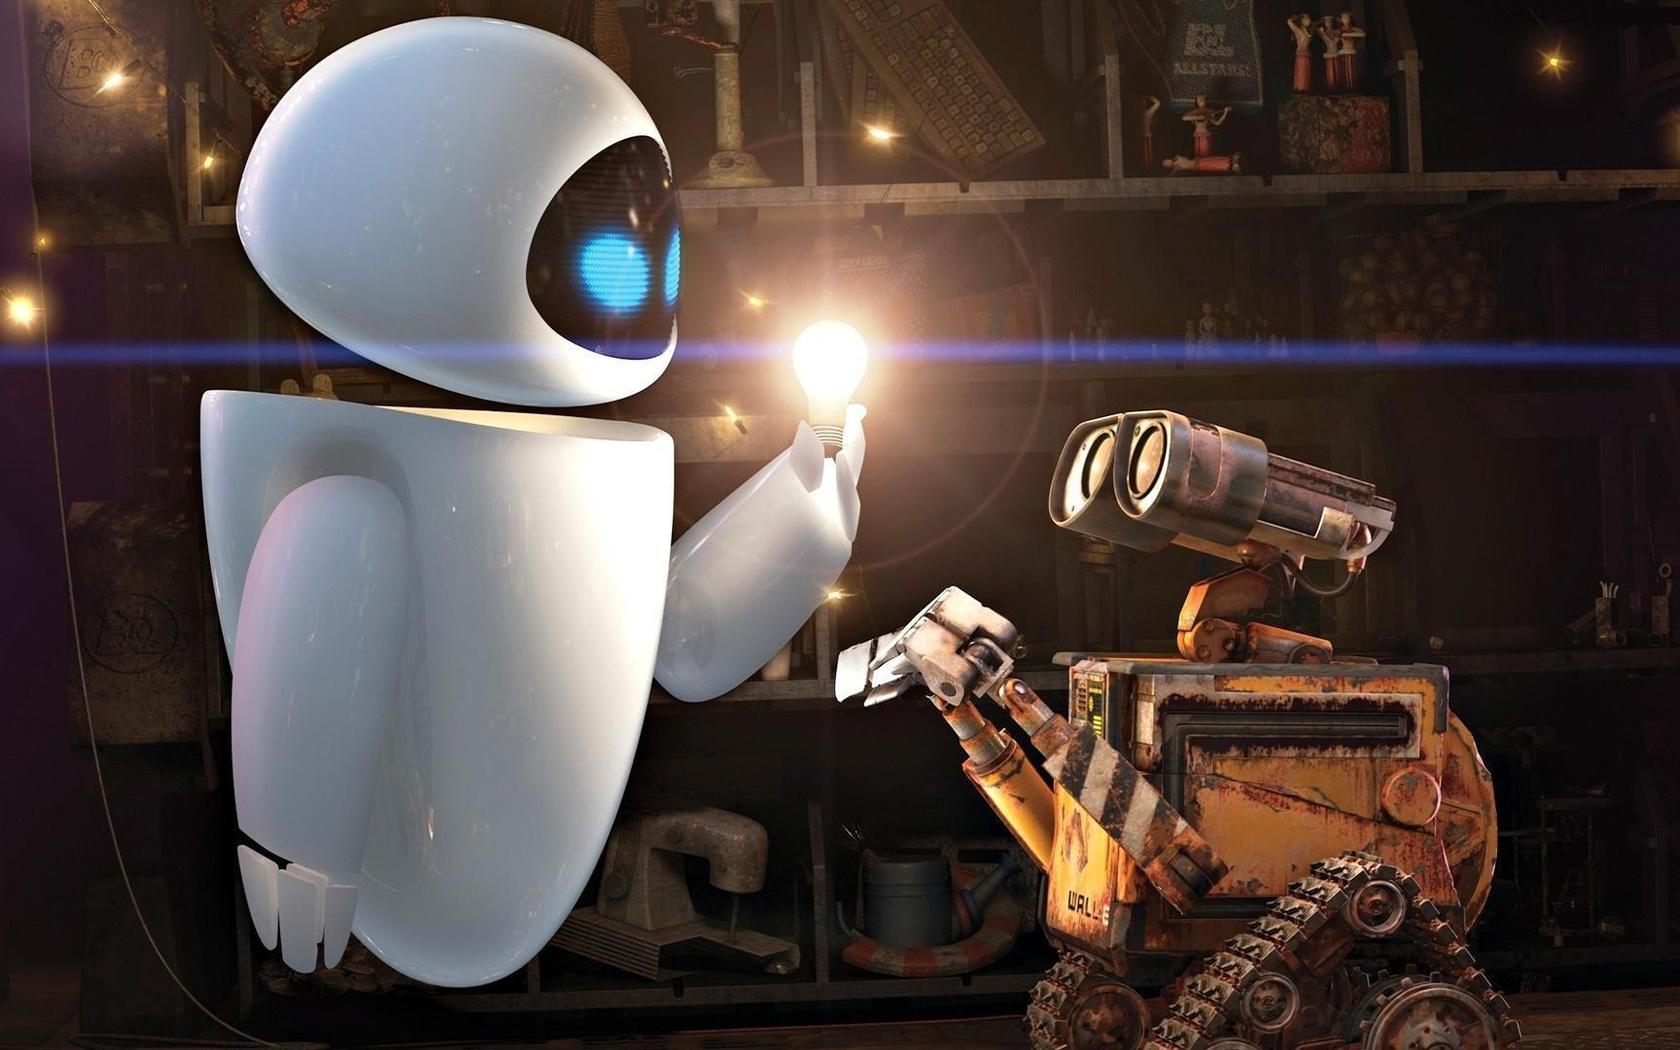 Картинка роботов из мультиков